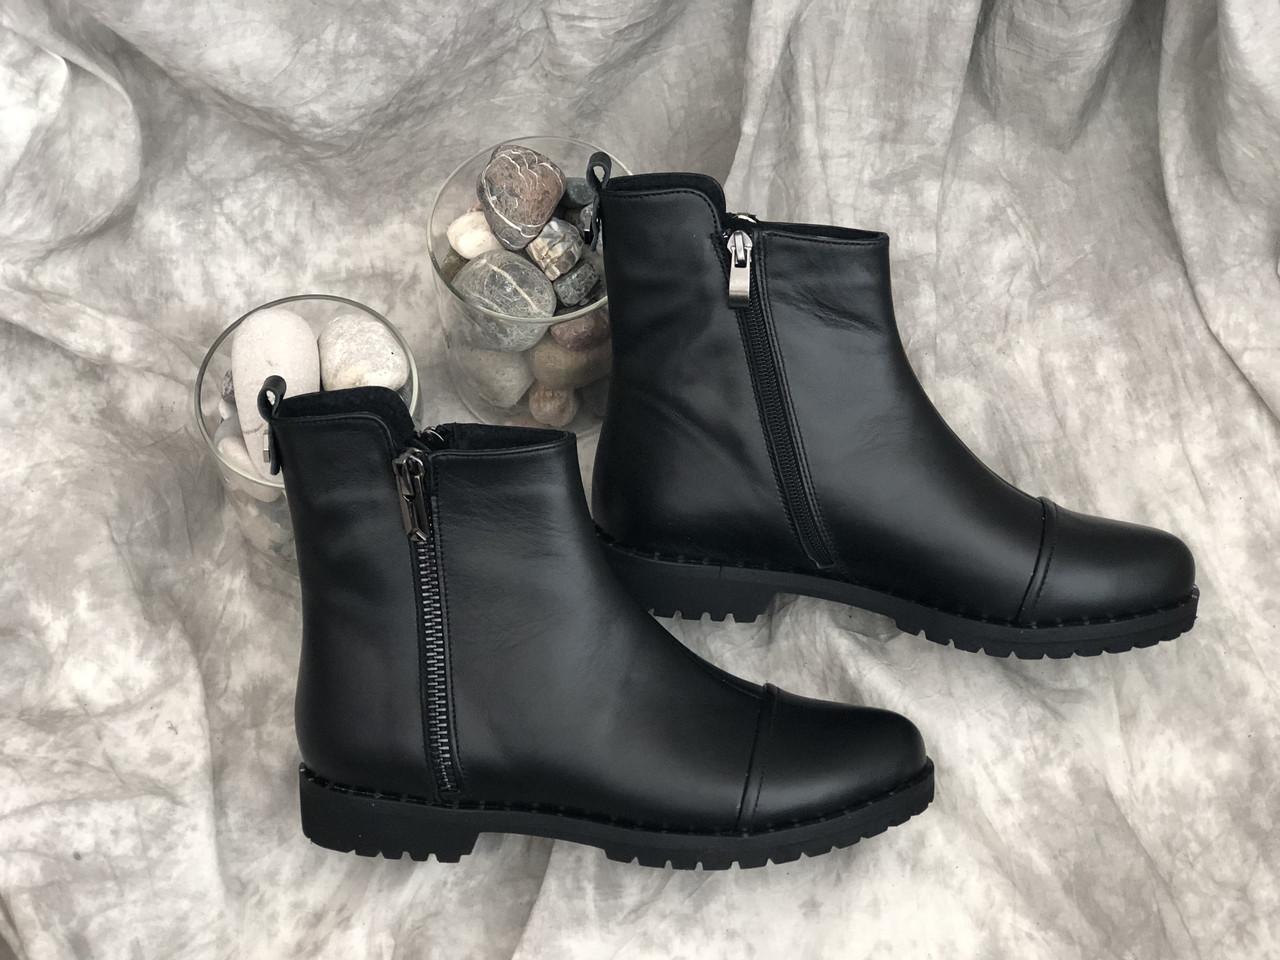 Кожаные женские демисезонные ботинки Salina 0597 ч/к размеры 36,37,38,39,40,41